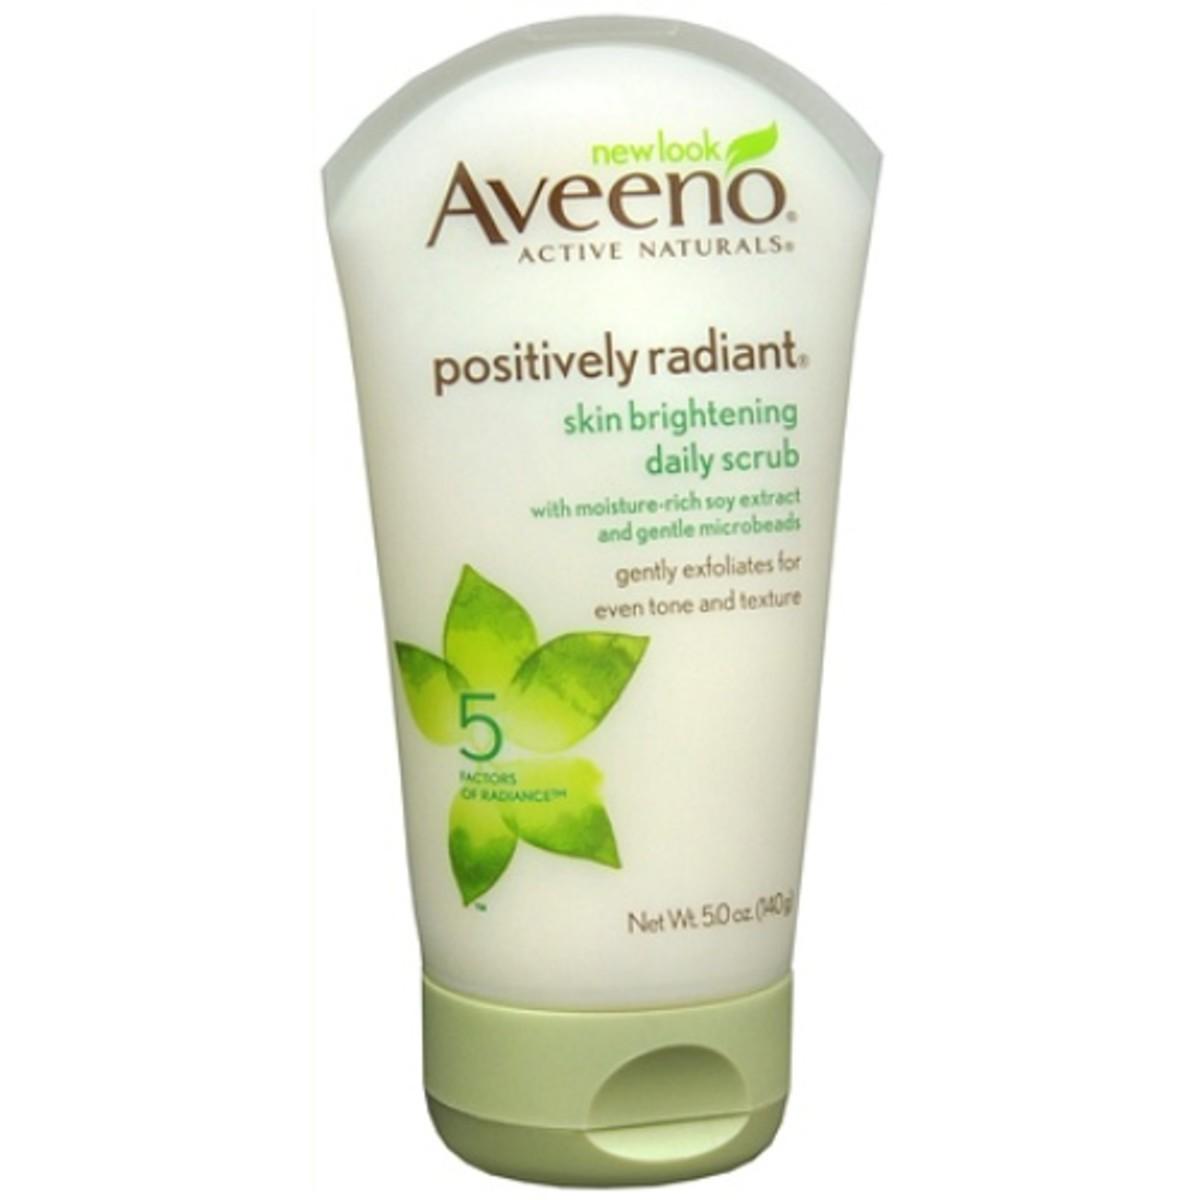 Aveeno Positively Radiant Skin Brightening Daily Scrub